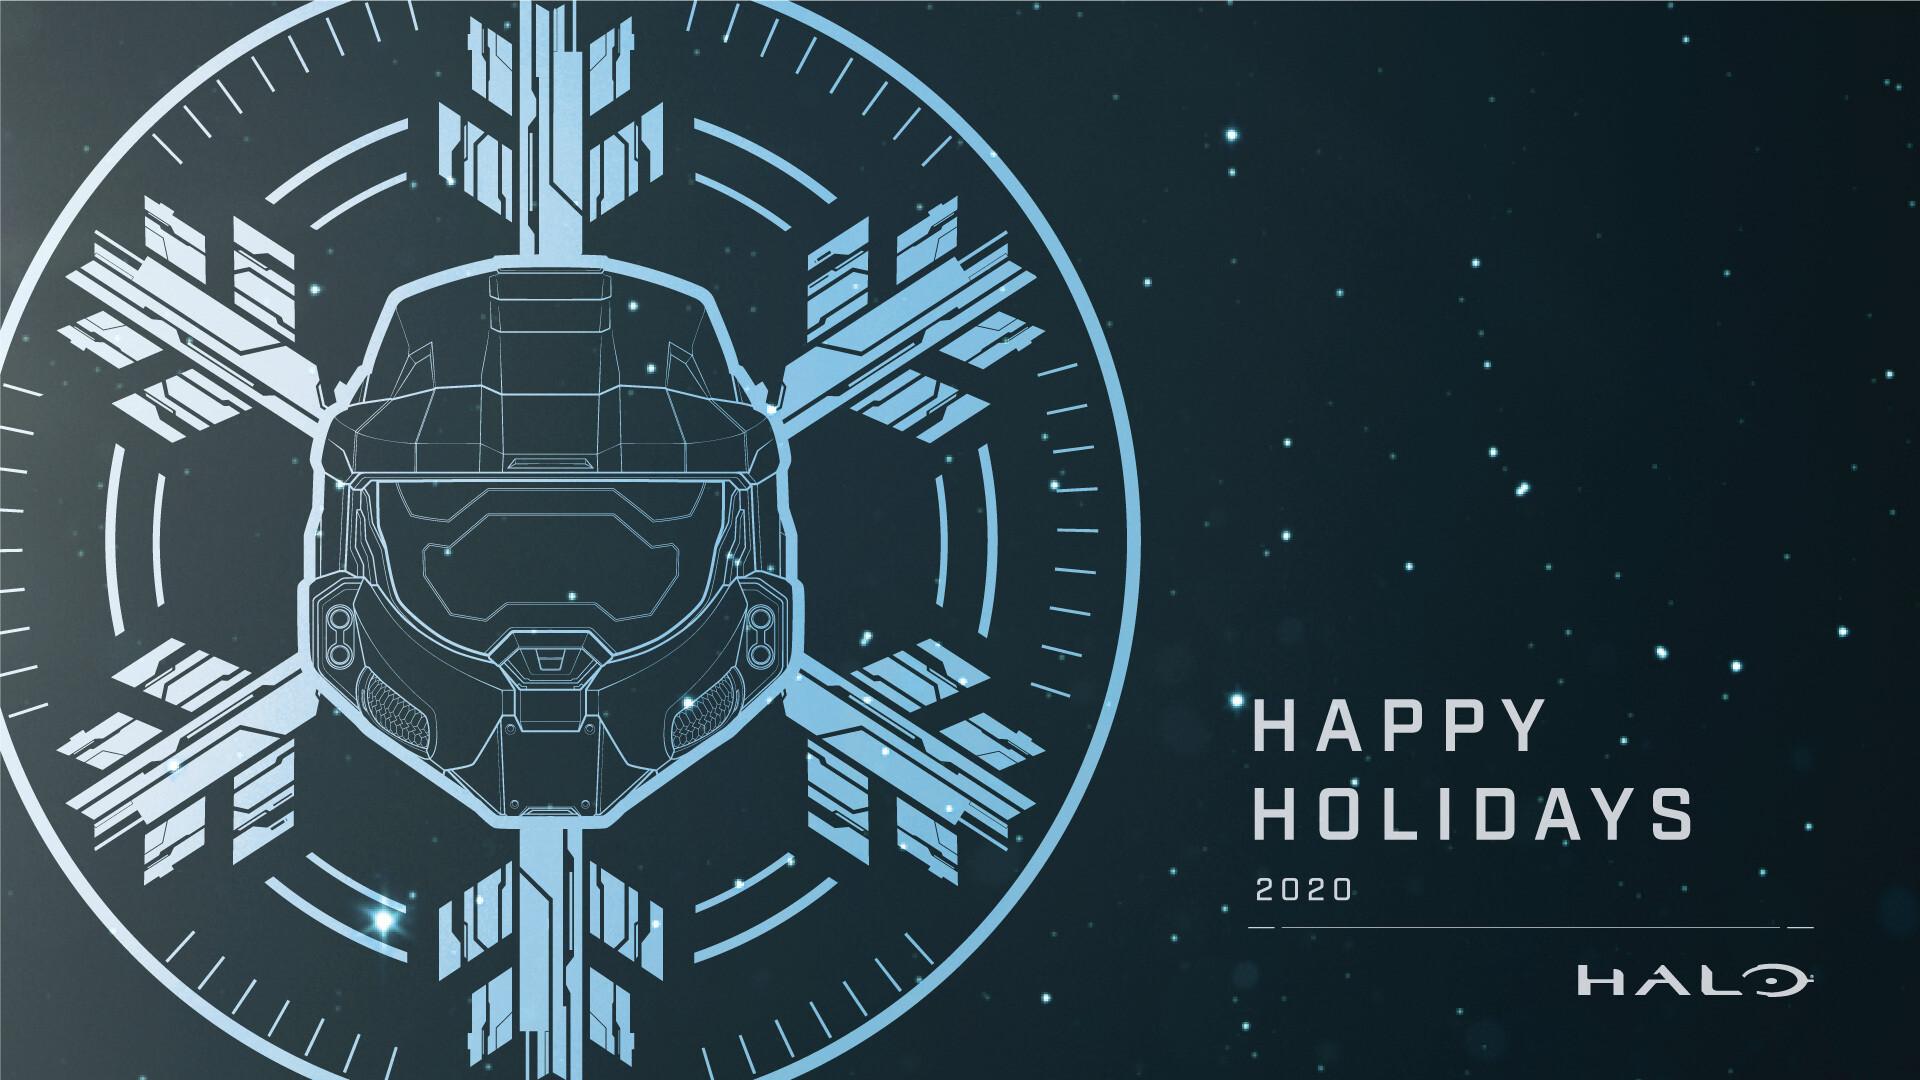 Разработчики поздравляют игроков с Рождеством — собрали праздничные открытки 14